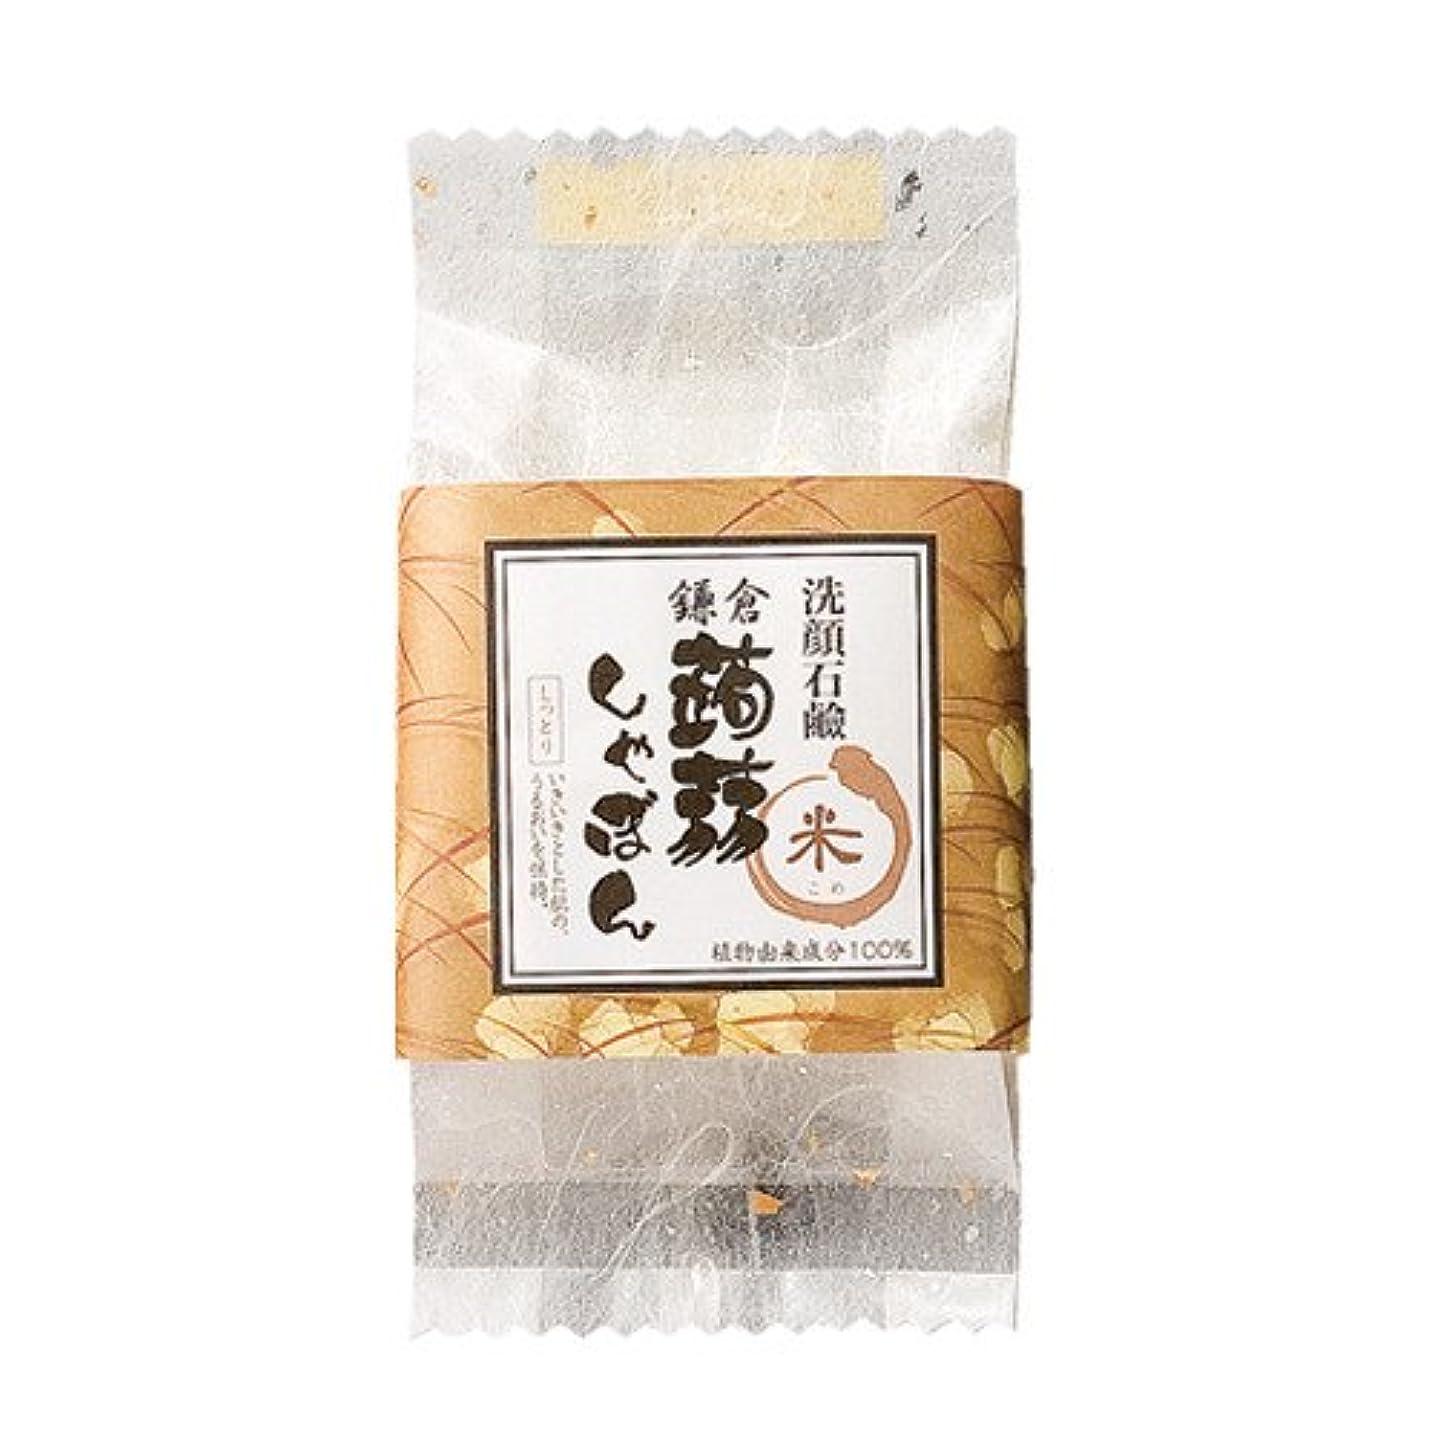 収束するチョークネーピア鎌倉 蒟蒻しゃぼん 米